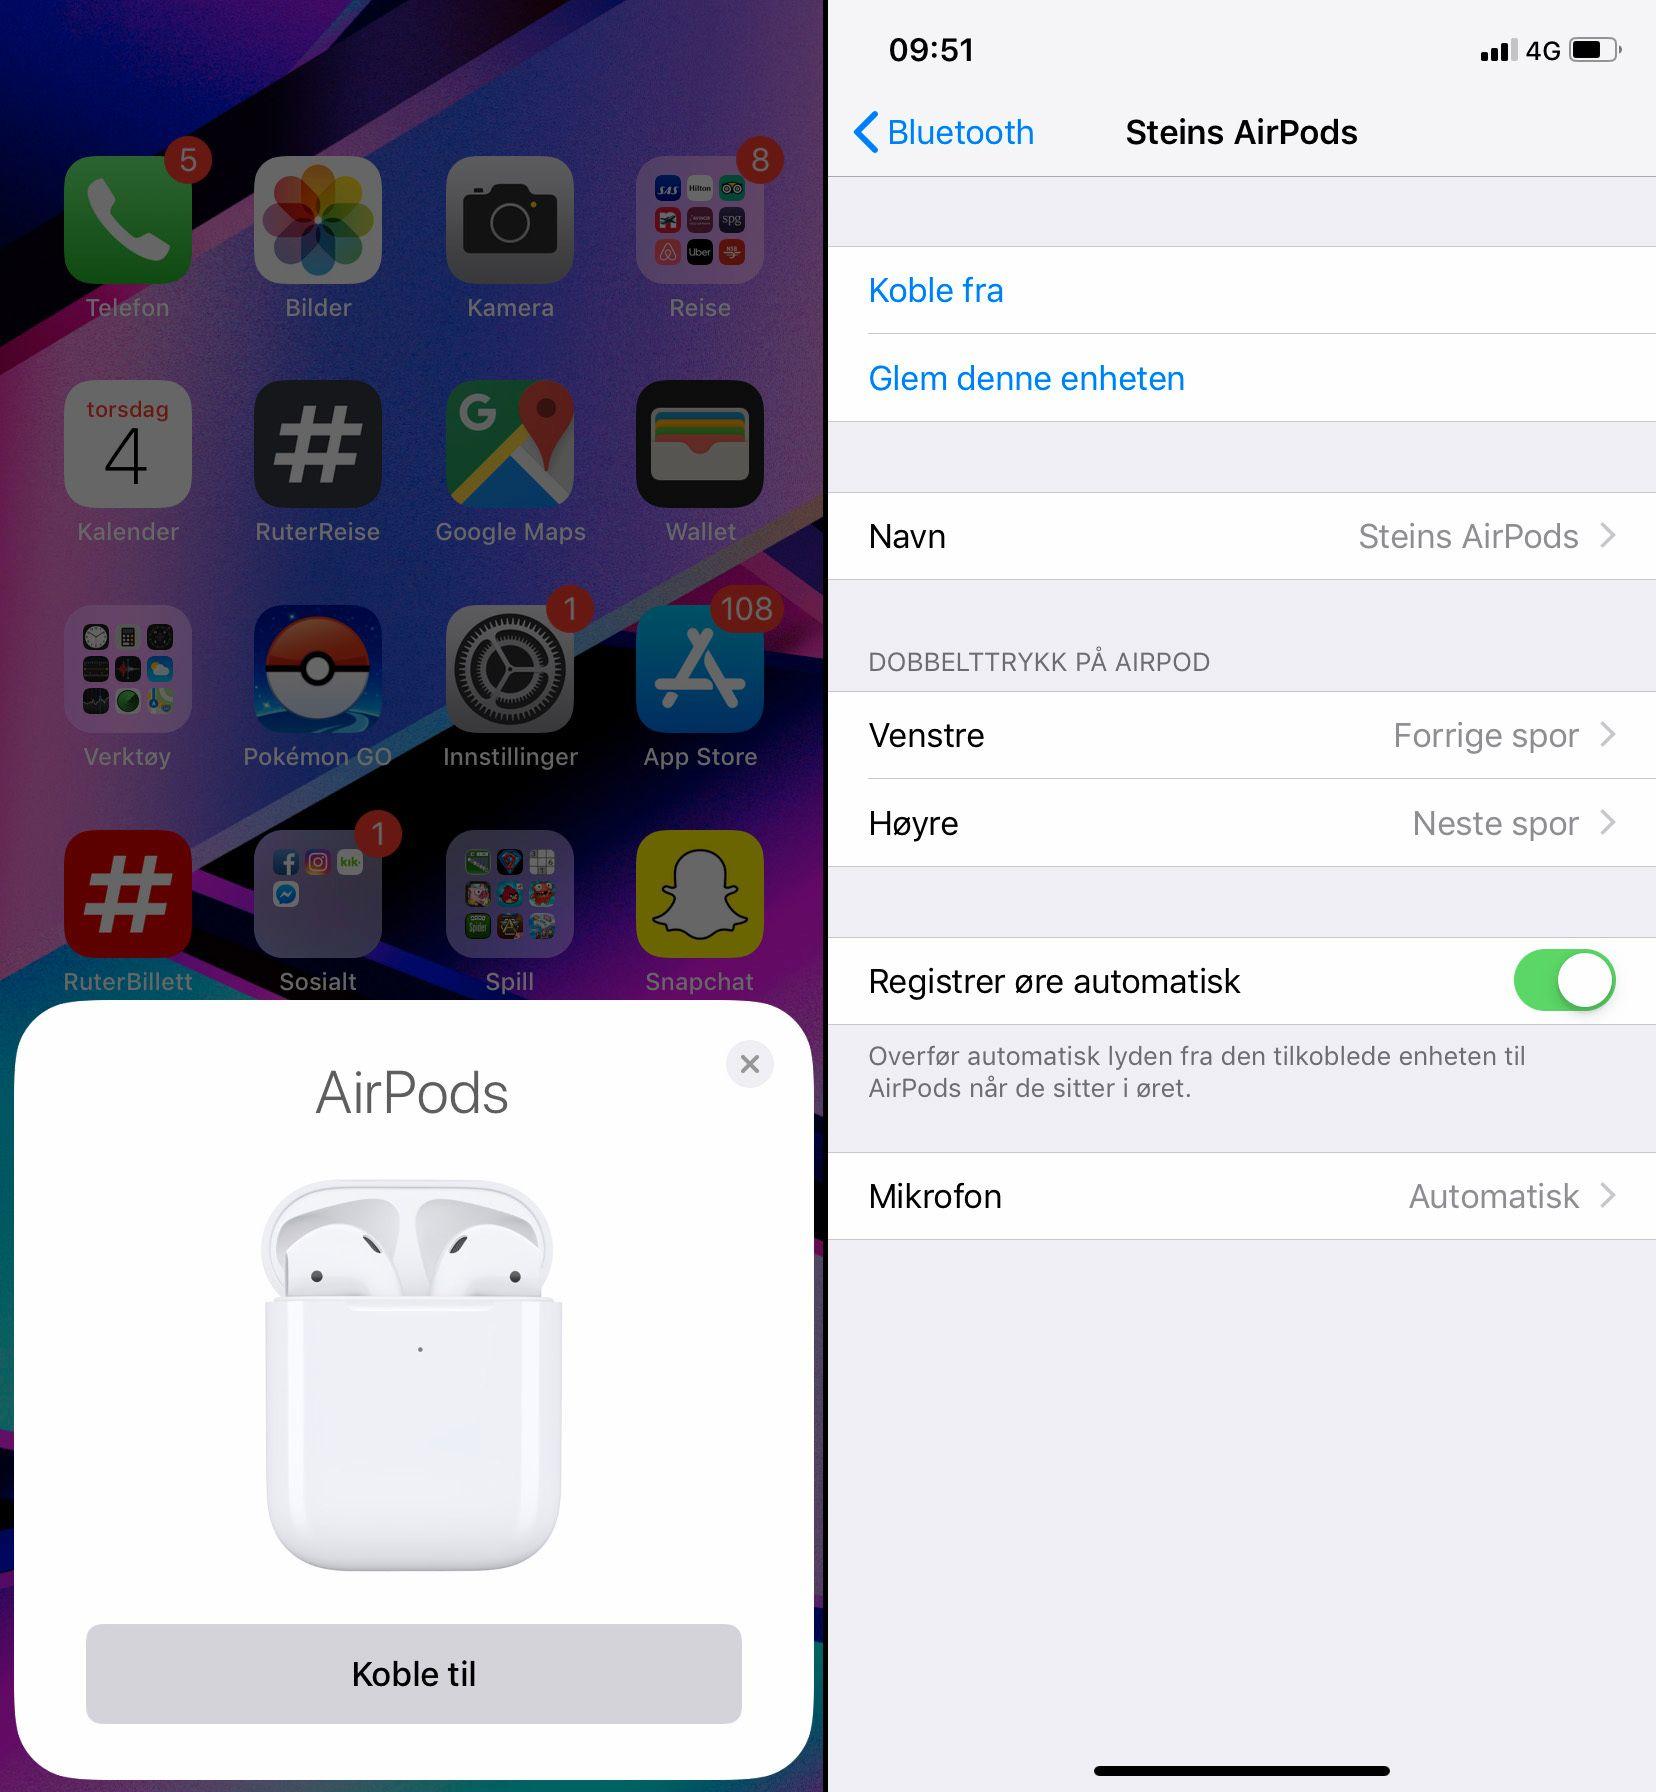 Tilkoblingen er superenkel om du har en iPhone. Der får du også tilgang til innstillingene via bluetooth-menyen. På Android får du ingen av delene, men innstillingene du eventuelt har gjort på iPhone følger i det minste med.